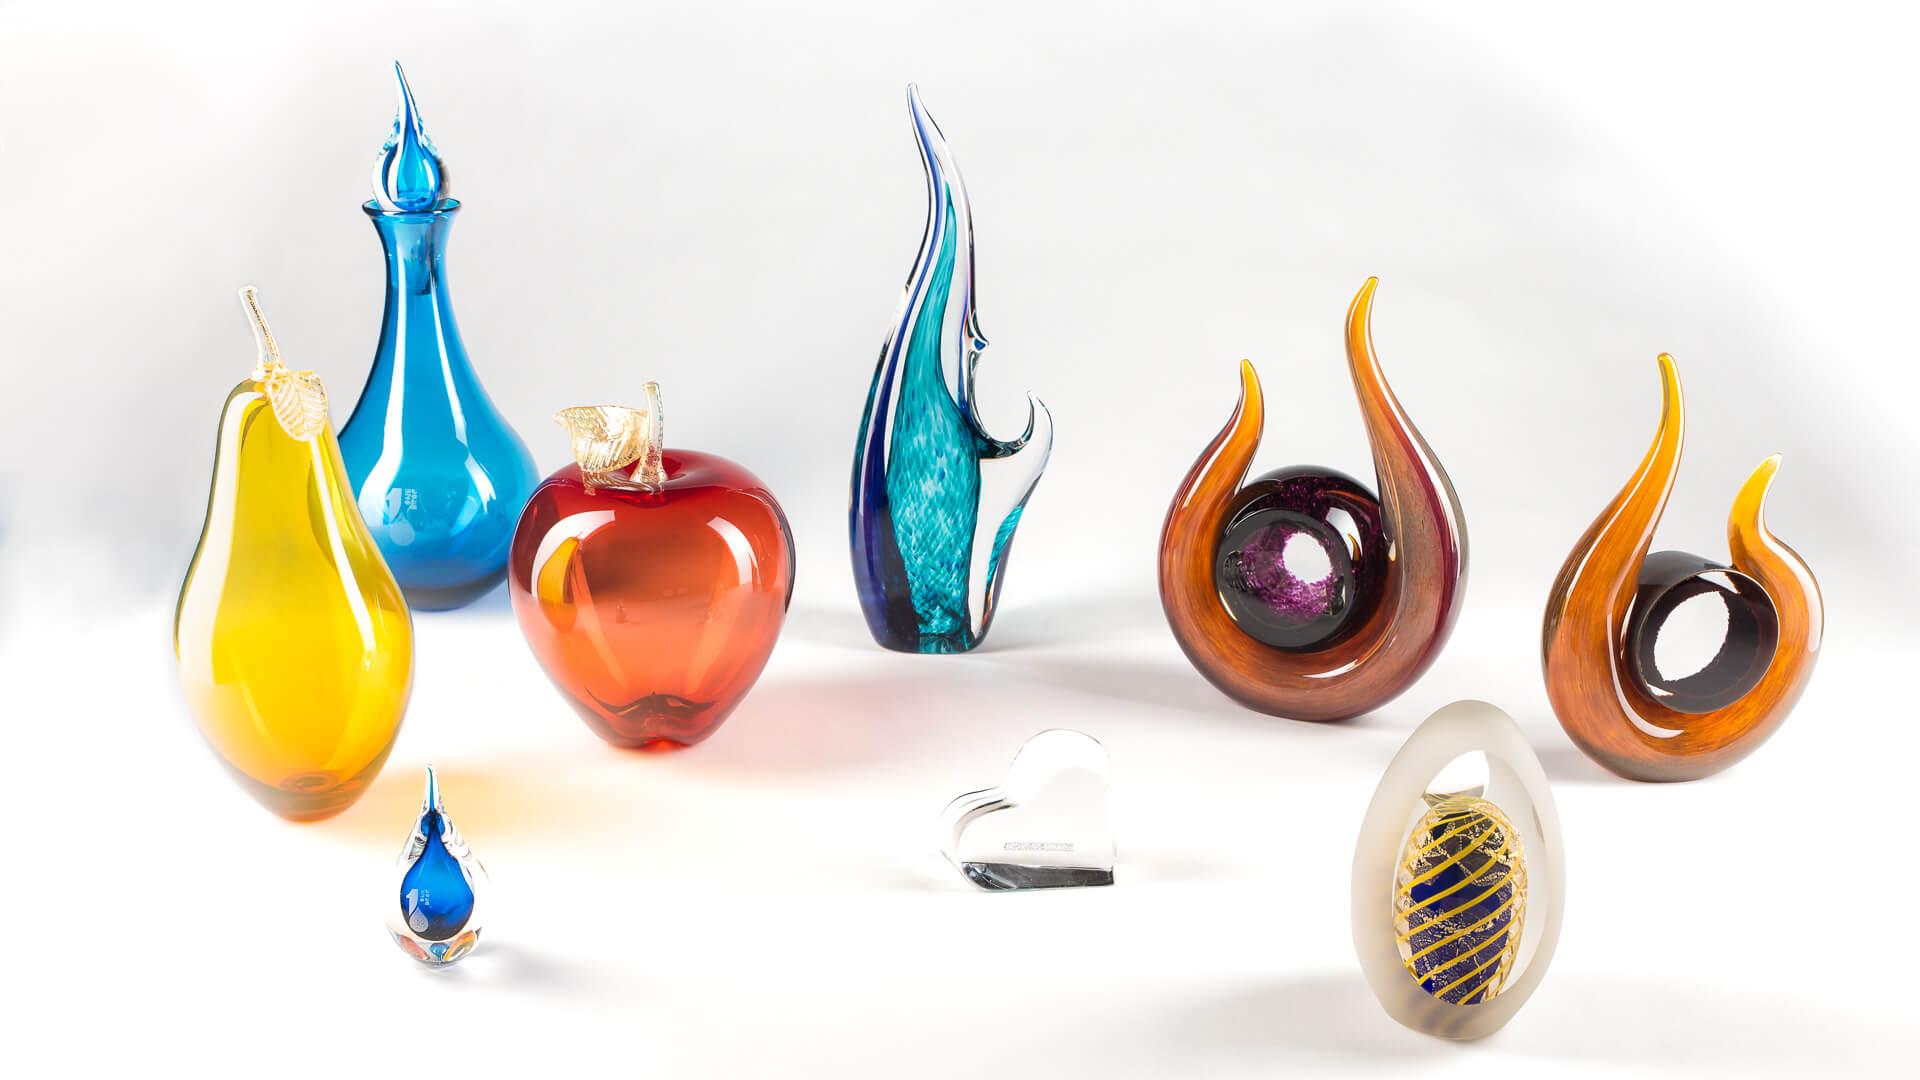 Cadeaux corporatifs et trophées en verre soufflé et solide fabriqués par l'Atelier de verre Welmo